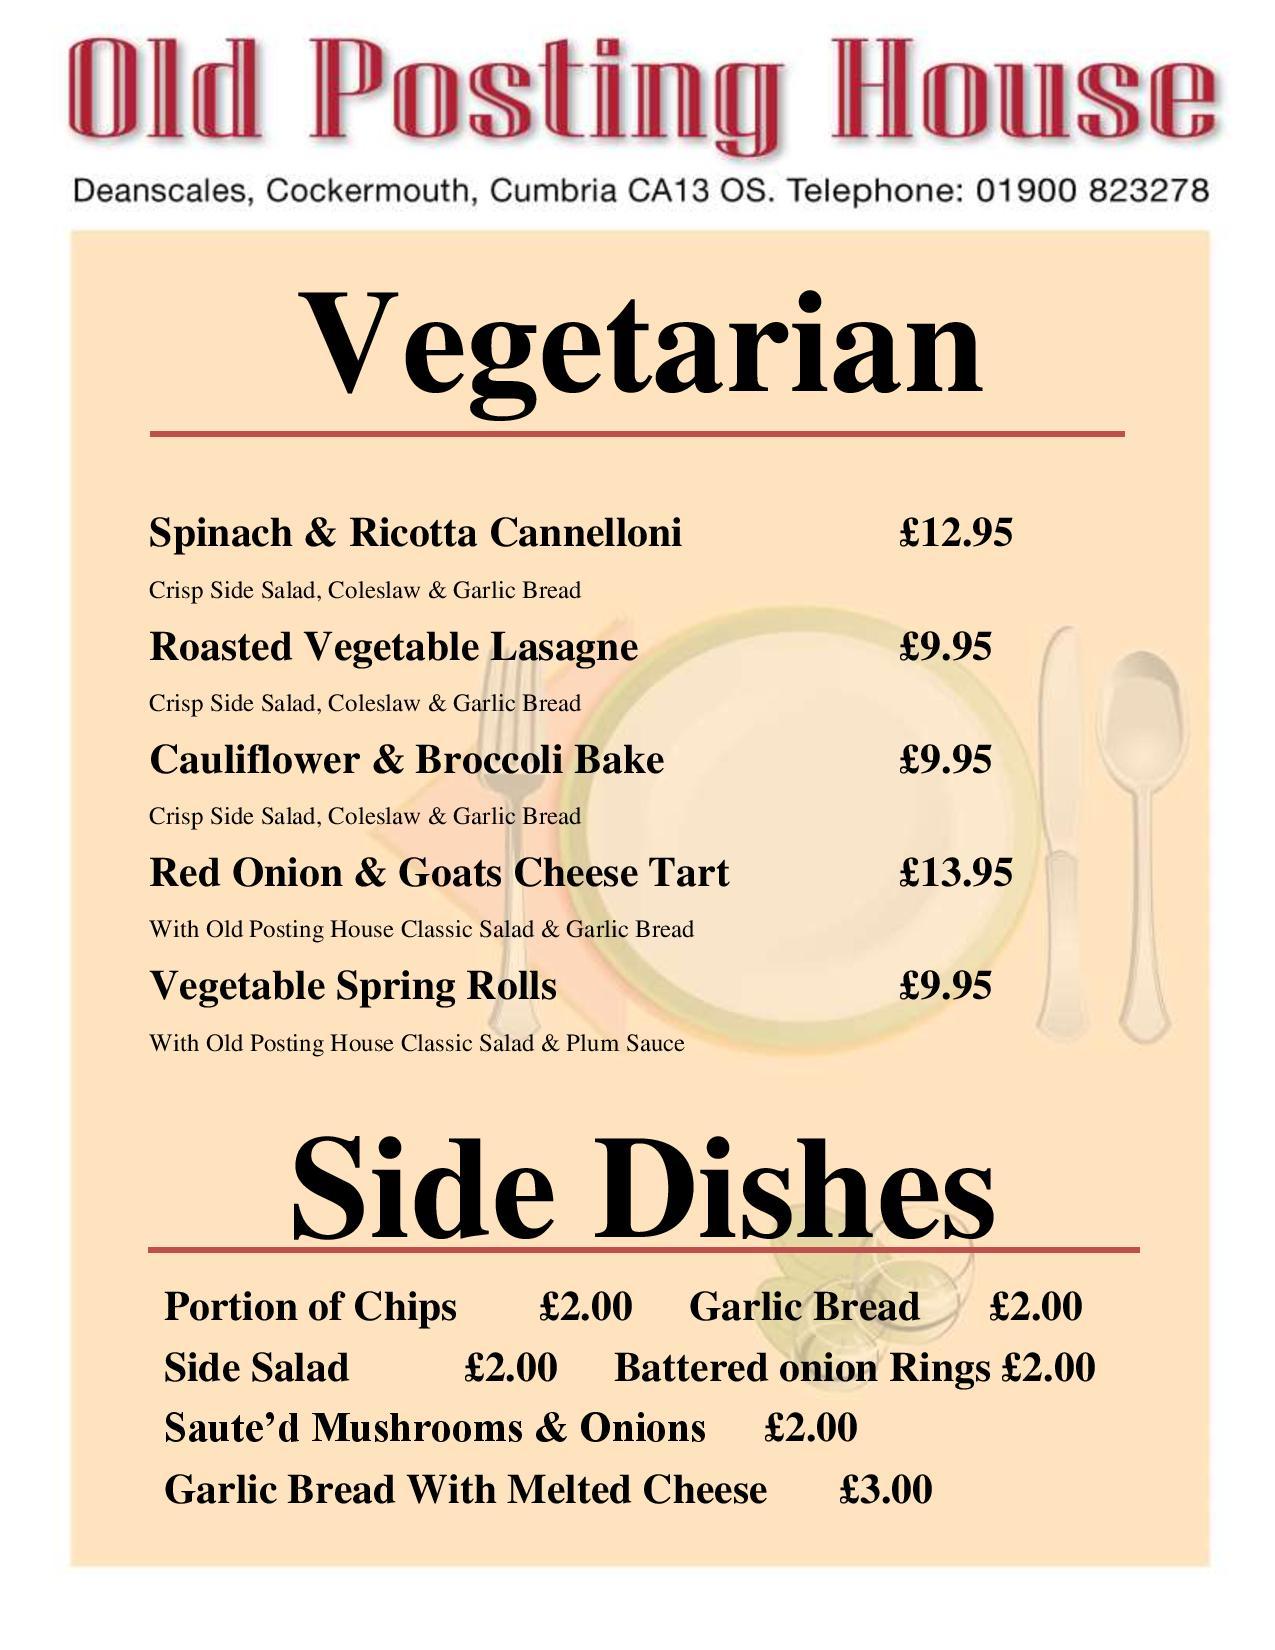 oldpostinghousevegetarian-page-001